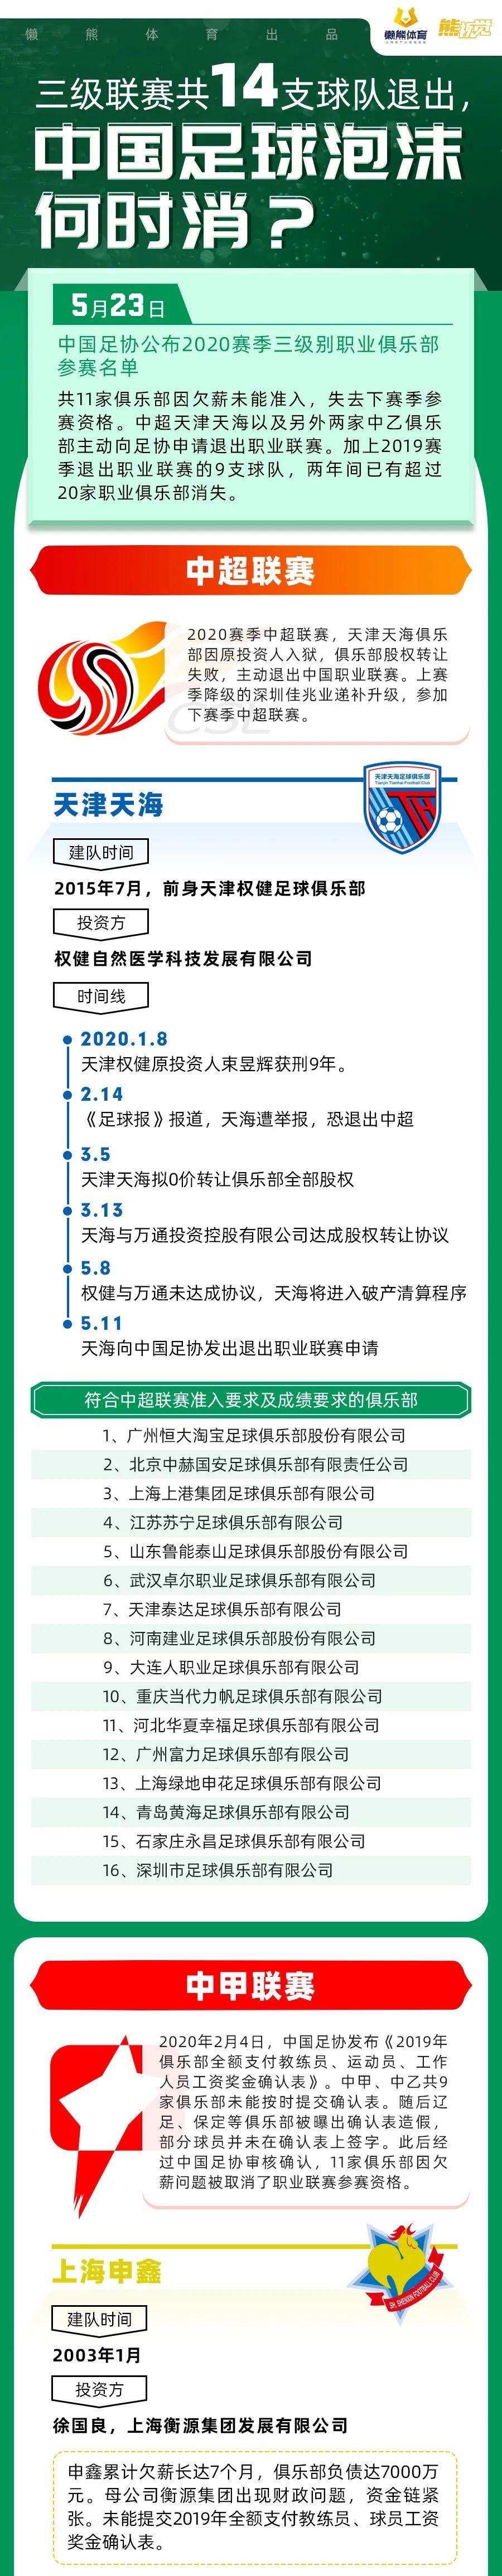 三级联赛共14支球队退出,中国足球泡沫何时消?丨熊视觉